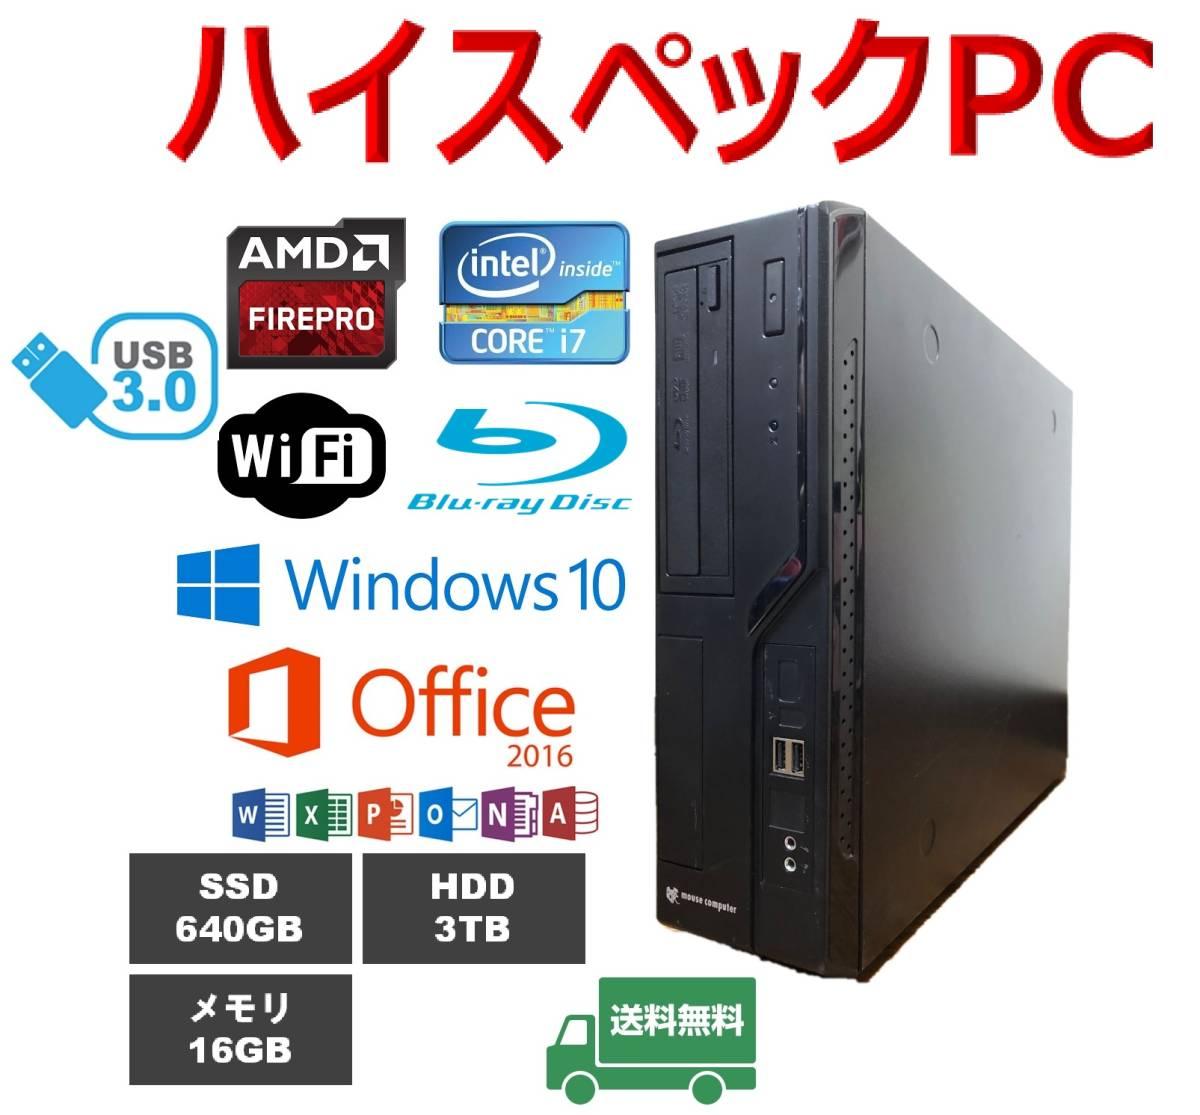 ★マウスコンピューター★究極 i7-4790 4GHz x 8★新SSD640GB★HDD3TB★メモリ16GB★ブル